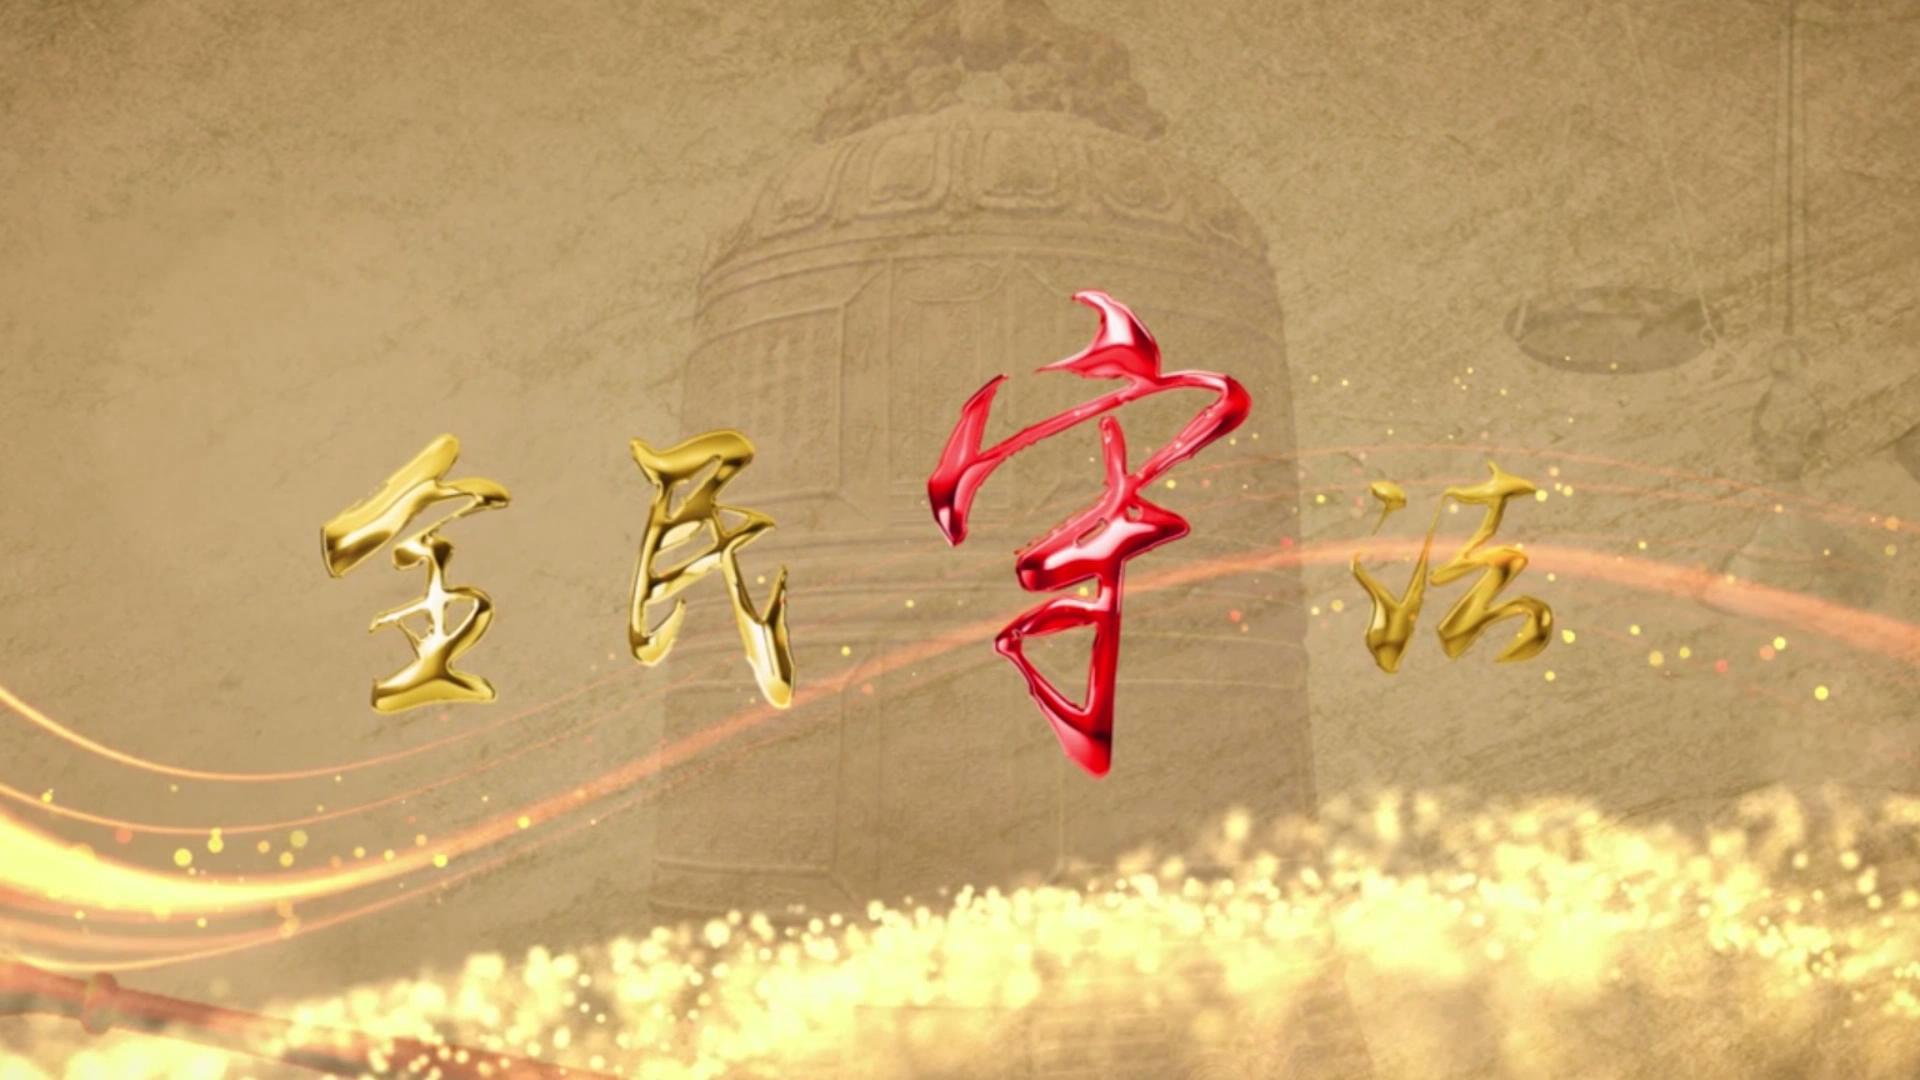 大气震撼金属质感法制中国字幕出字